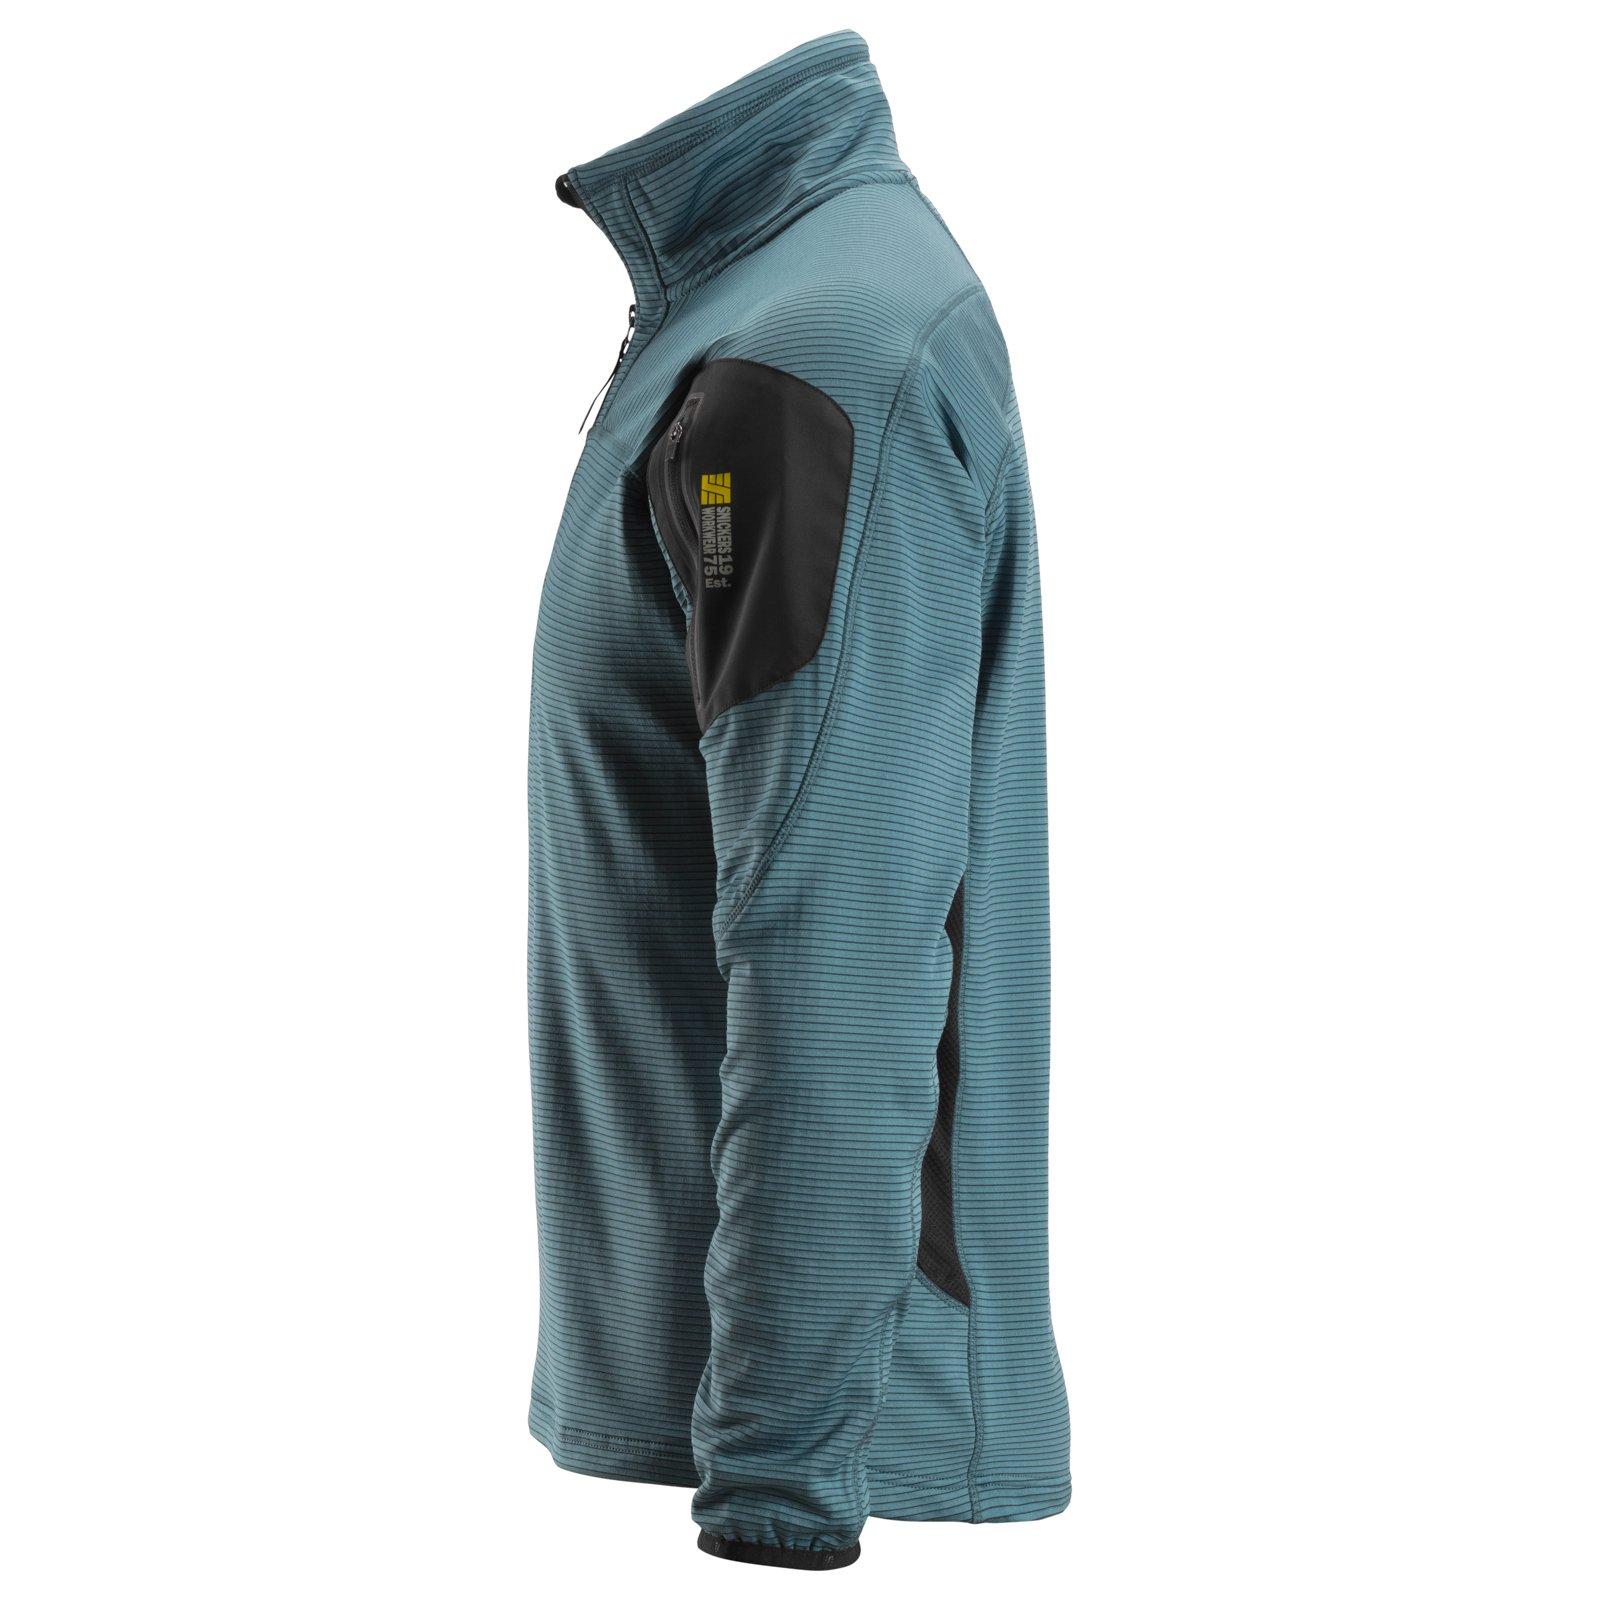 1a1ec2e9fb7 9435 Body Mapping ½ Zip Micro Fleece Pullover - Atlantic Safety Wear